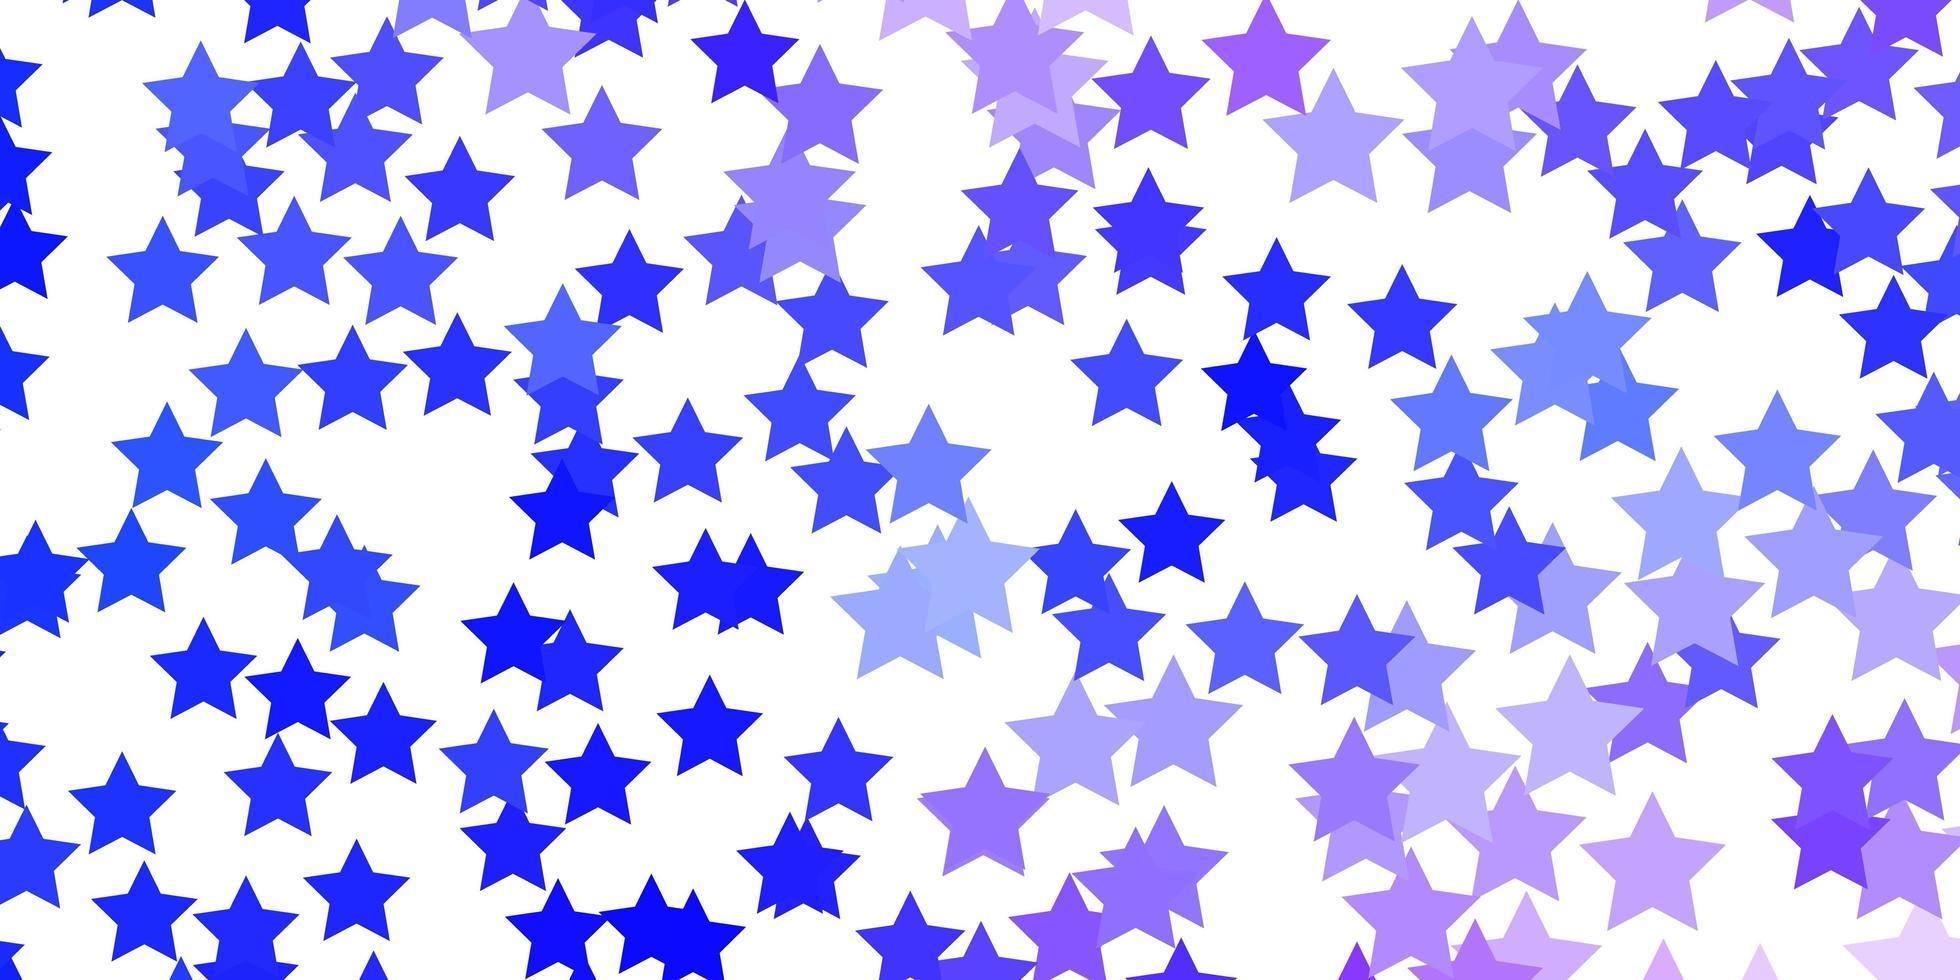 textura vector rosa claro, azul com lindas estrelas.